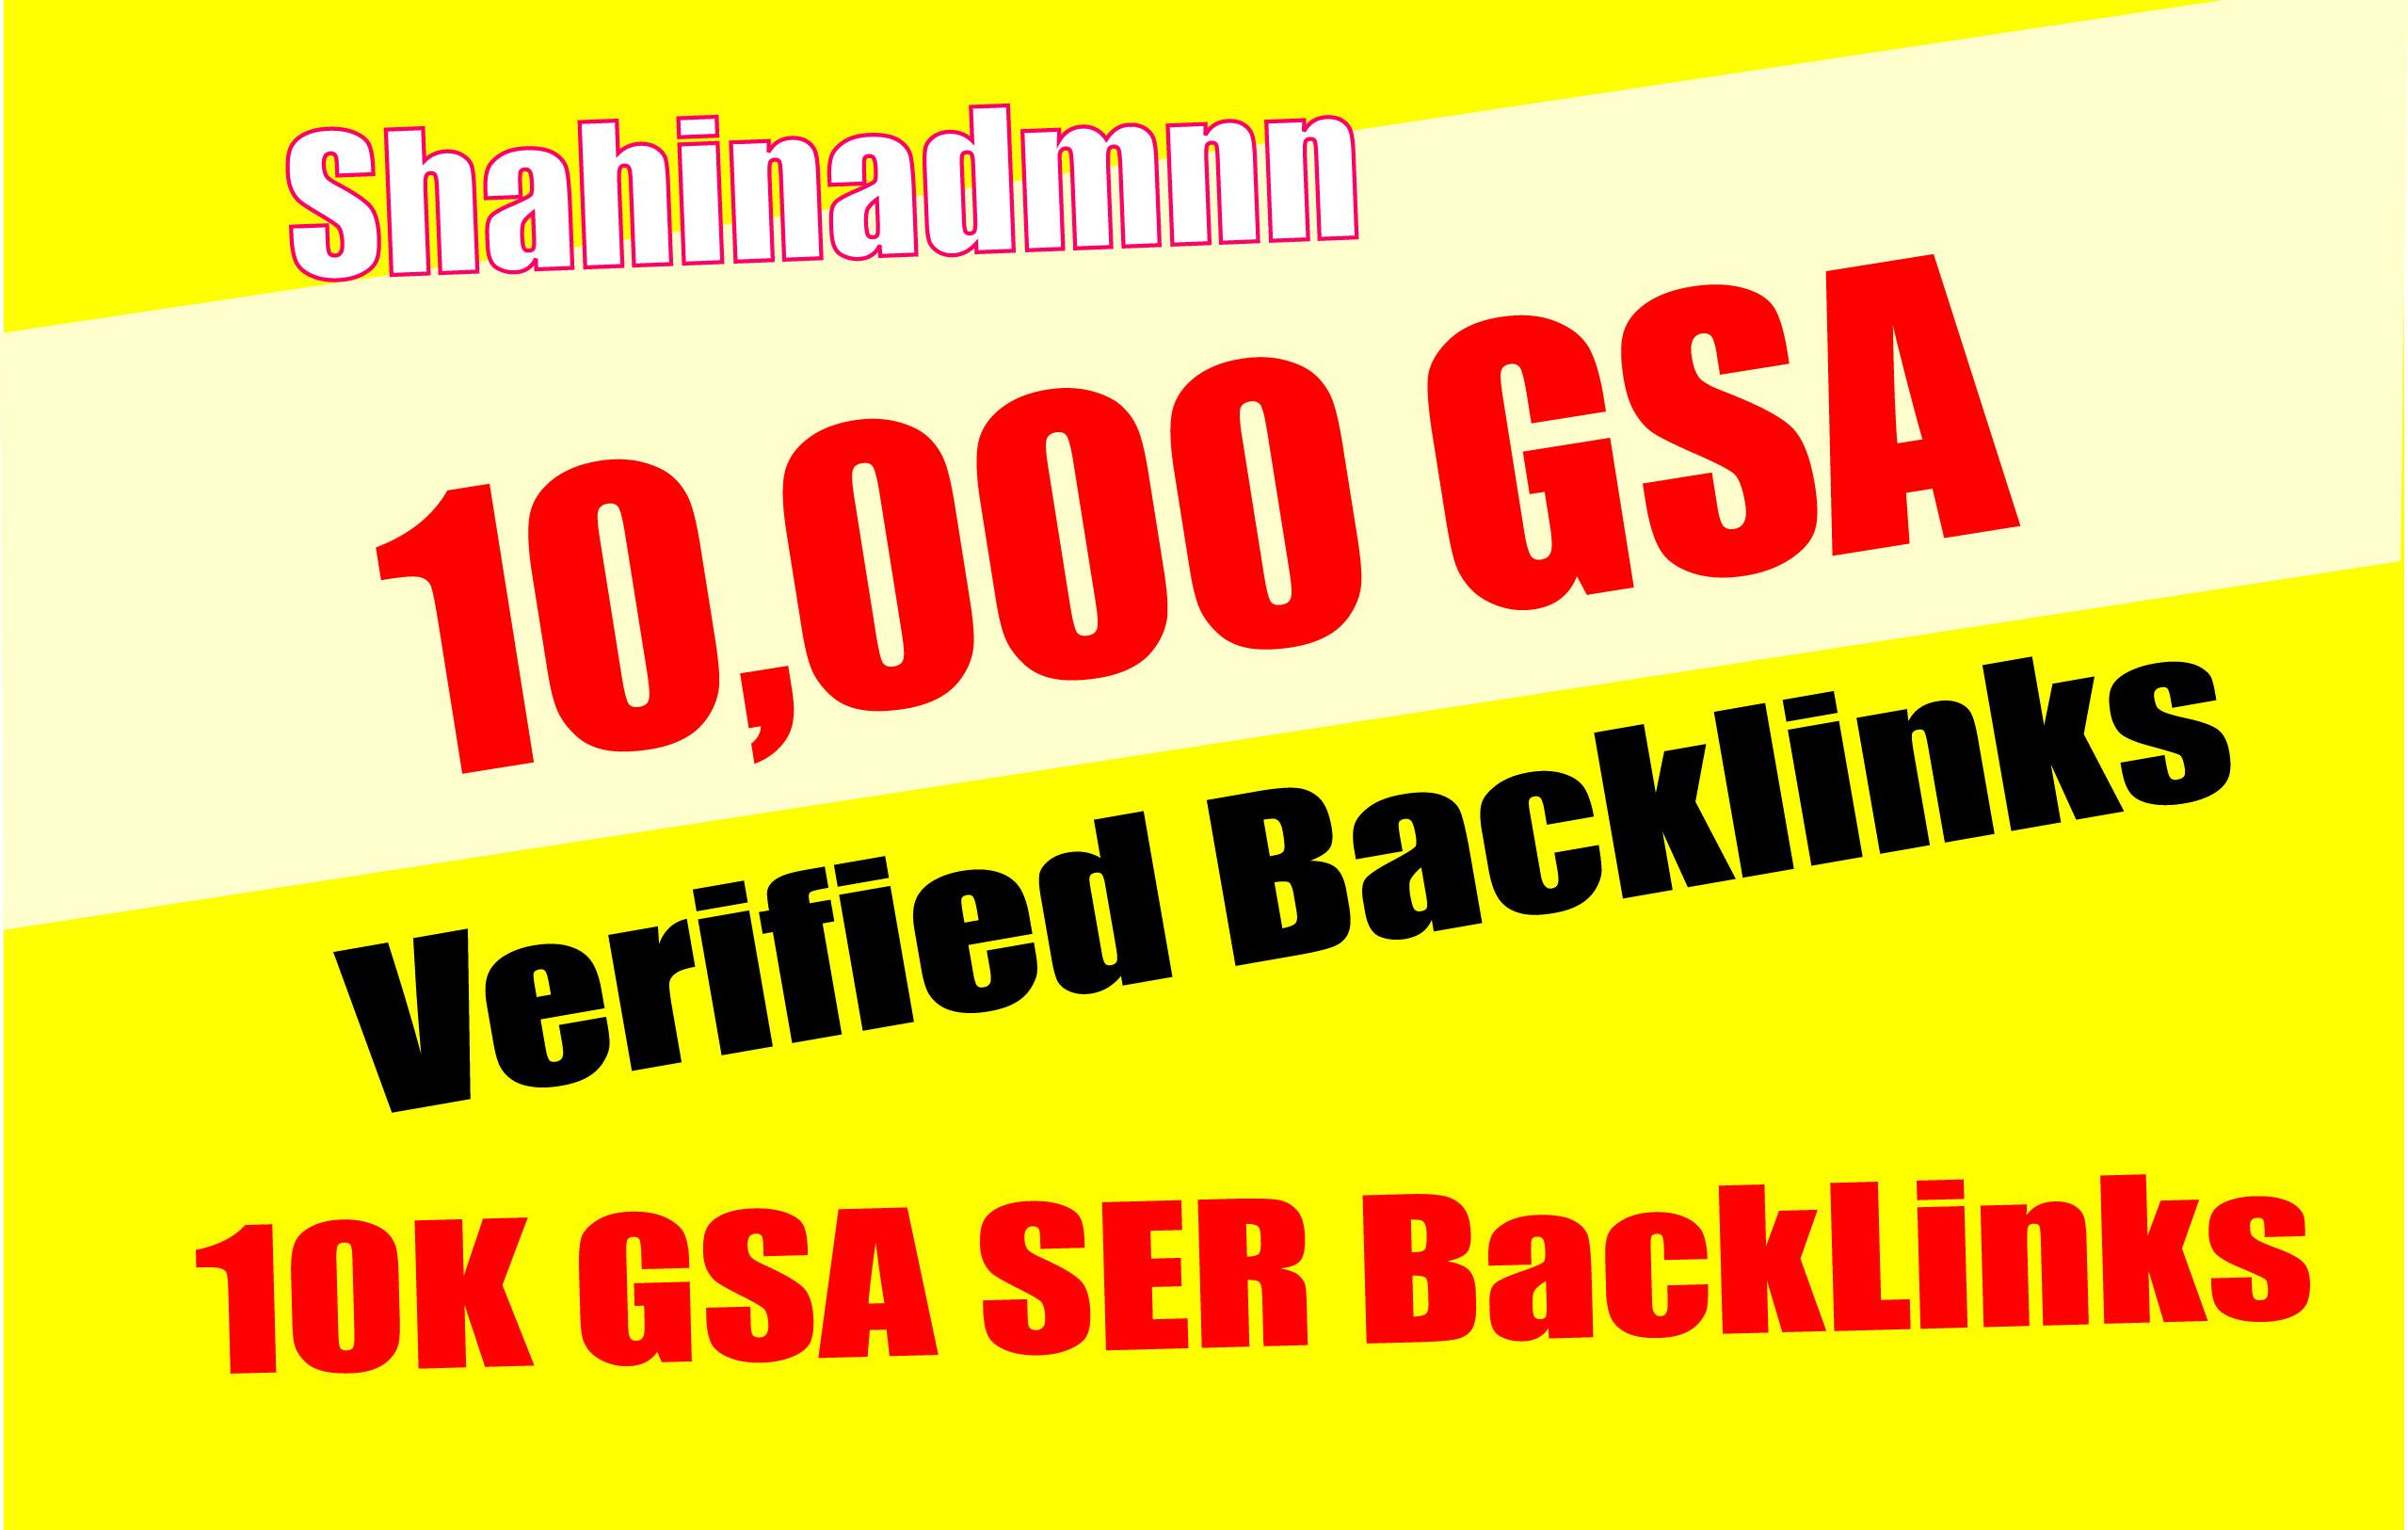 10,000 GSA SER Backlinks easy Link Juice & Faster Index